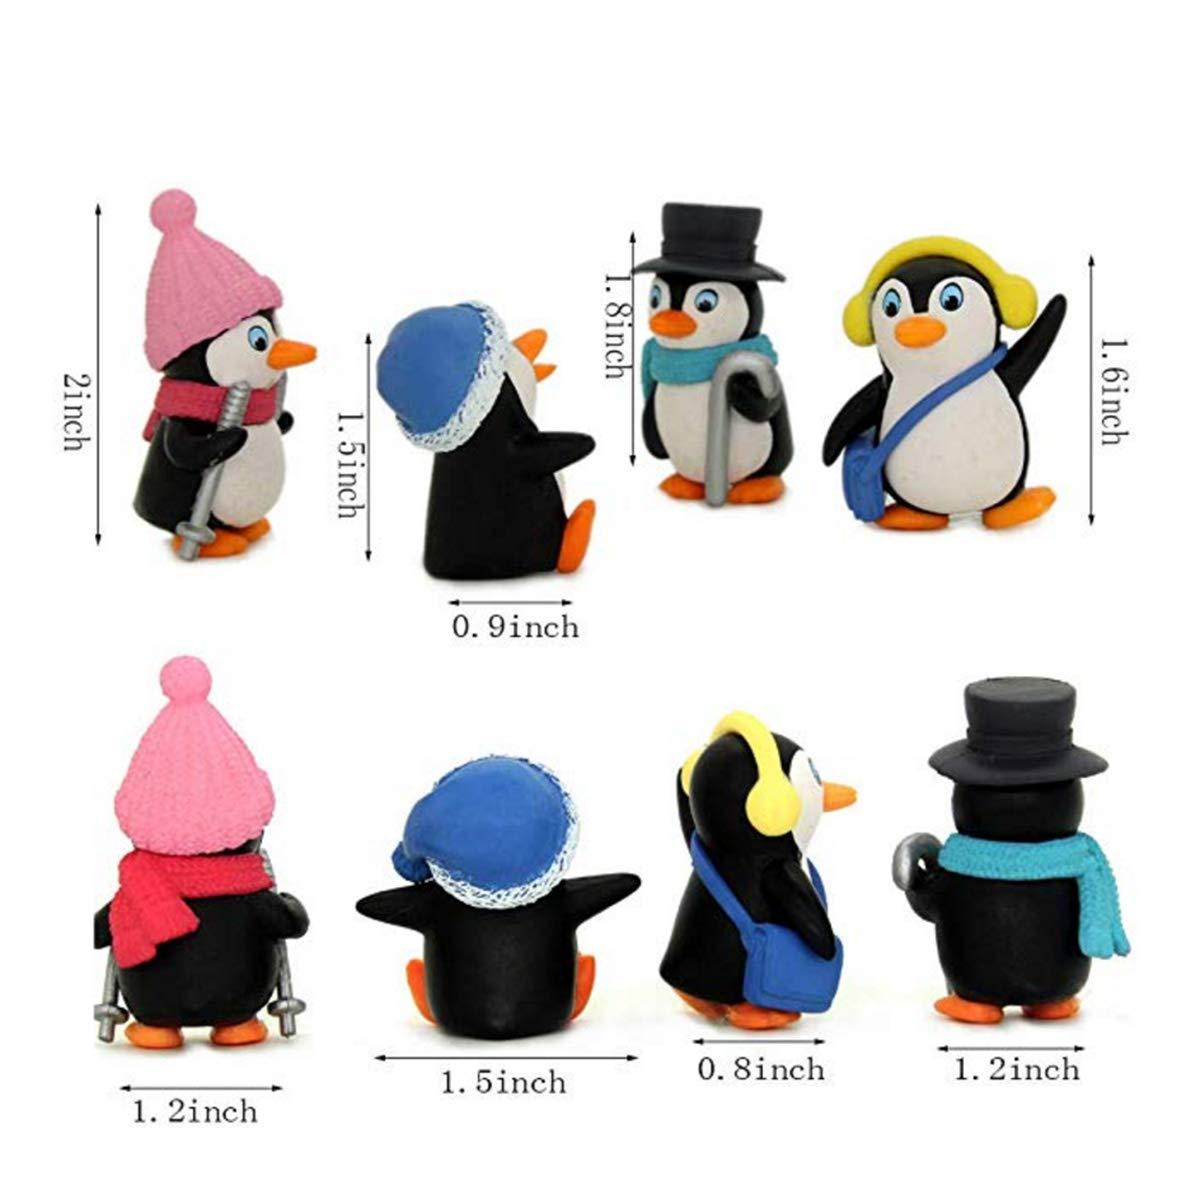 Penguin Cake Topper Penguin Garden D/écor Figurine 4 pcs Cute Landscape Penguin Characters Toys Mini Figure Collection Playset Mini Figure Collection Playset